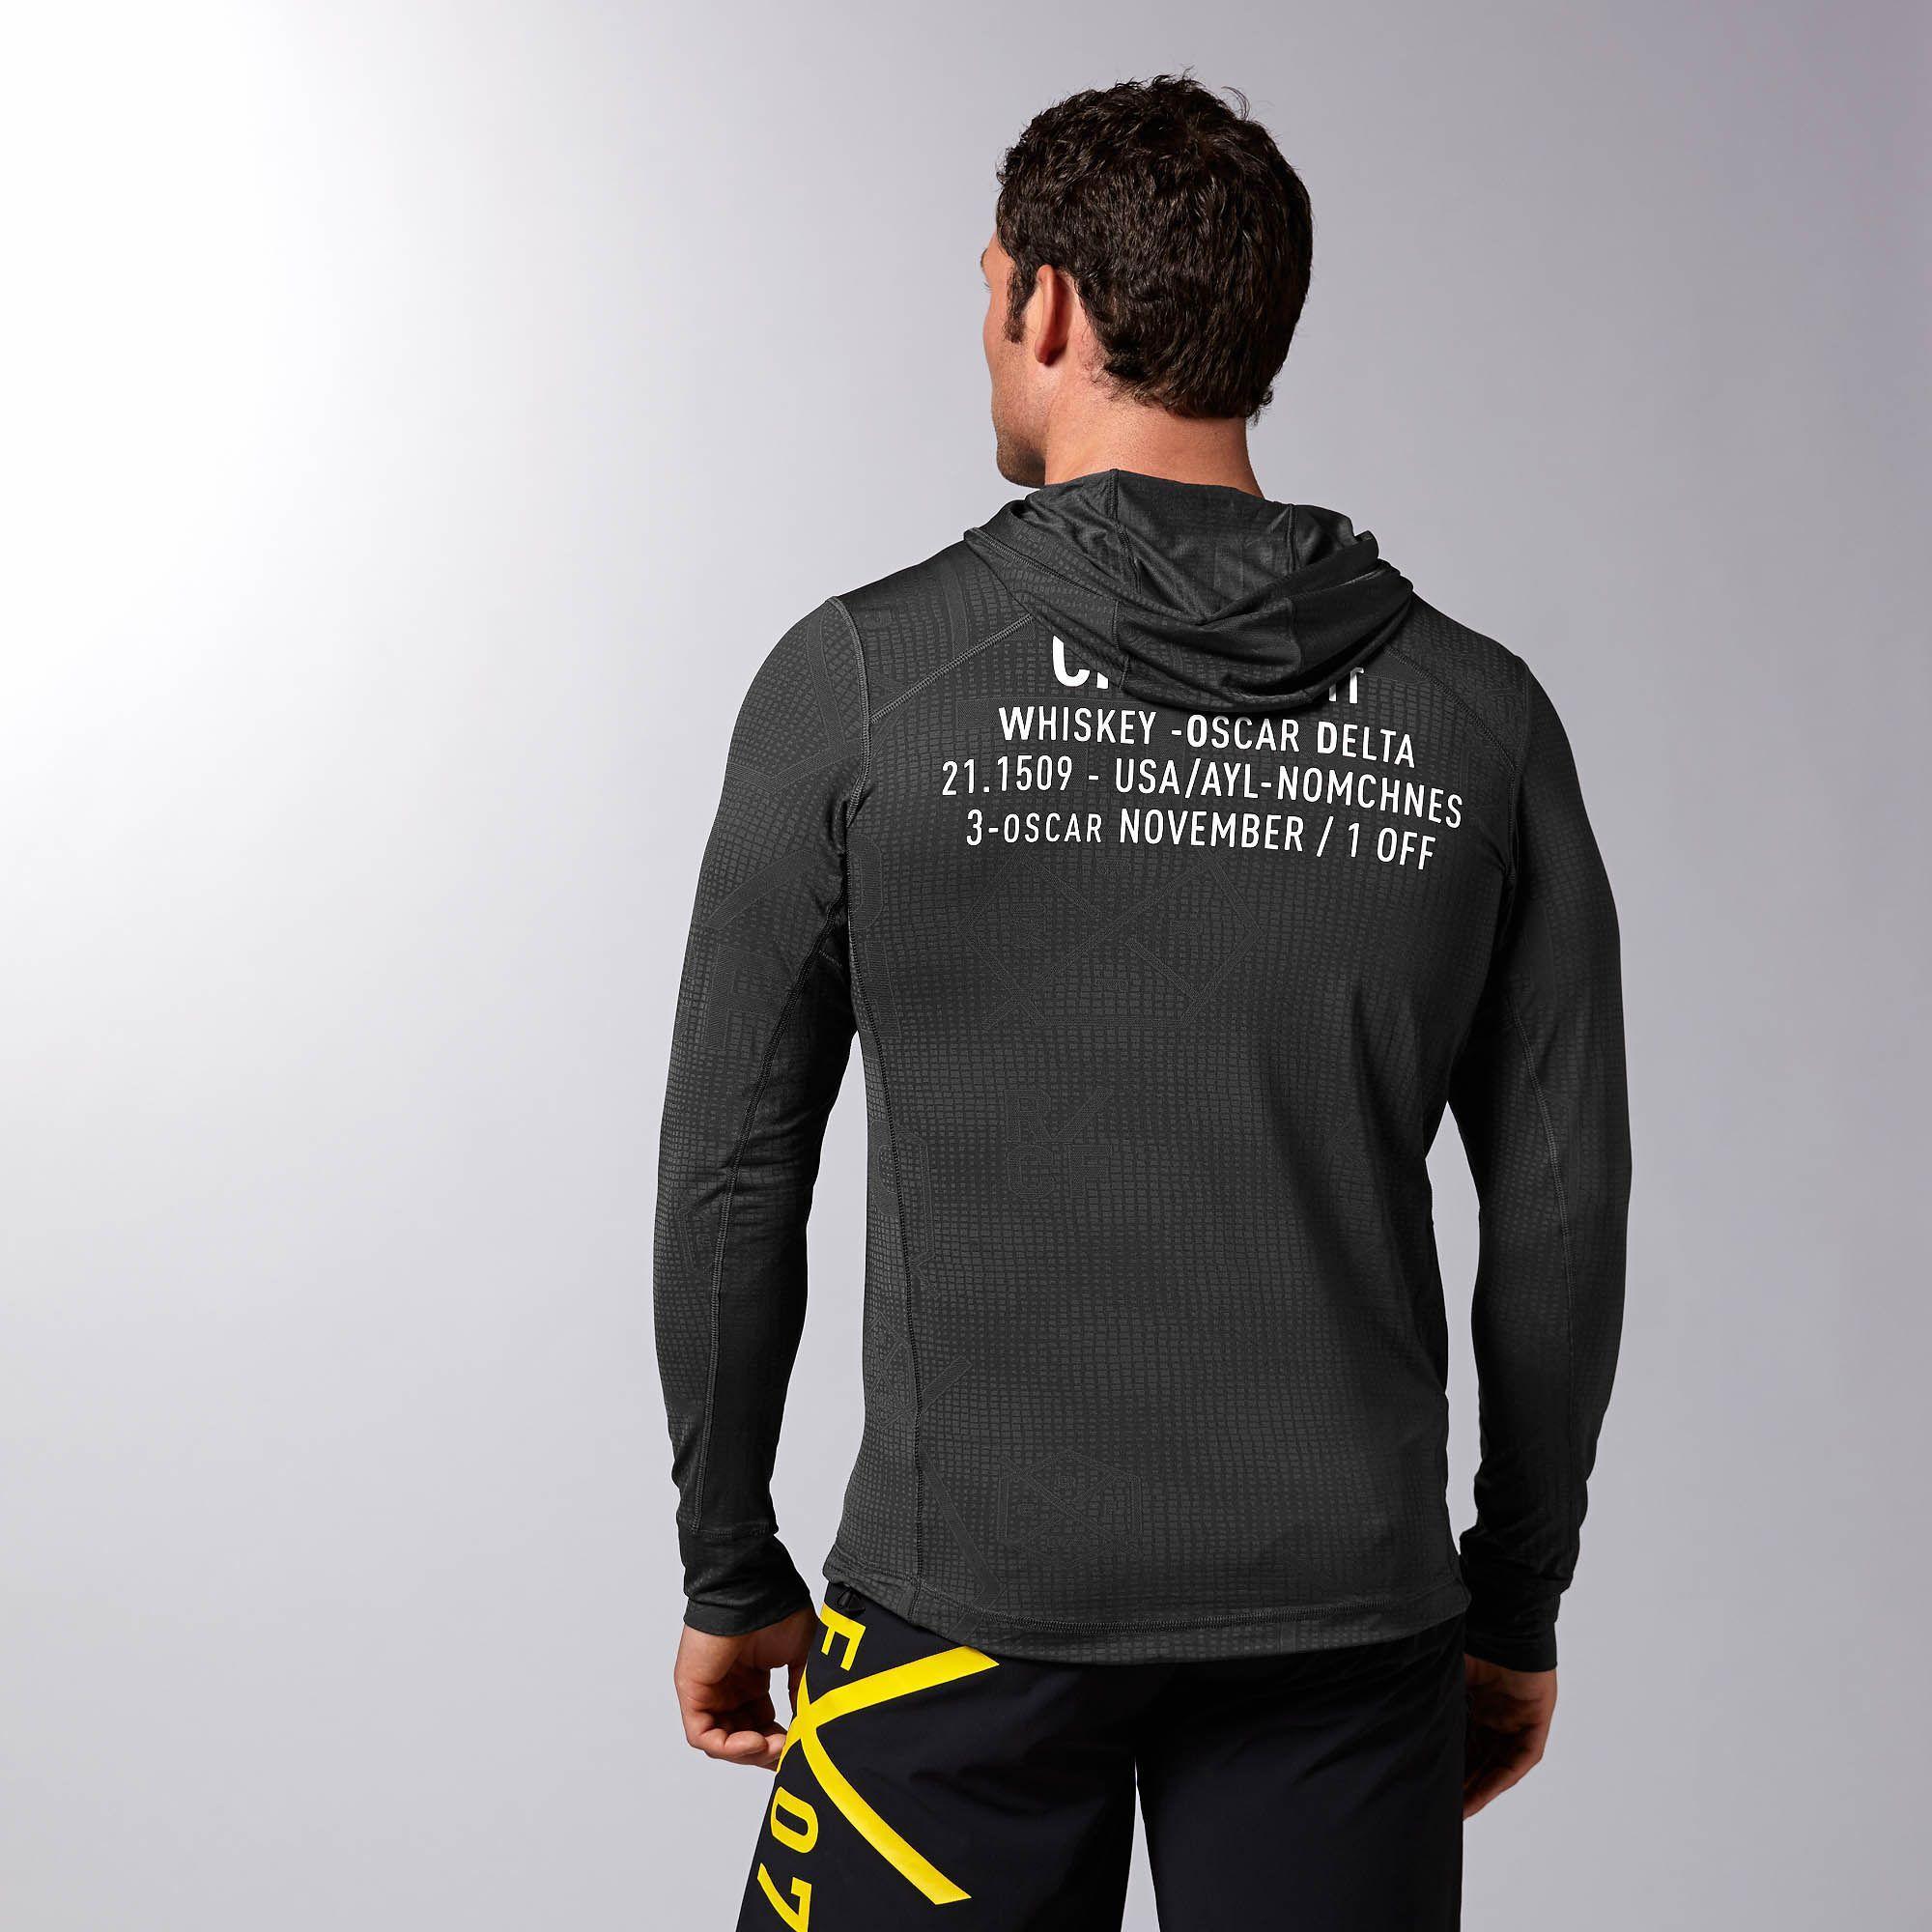 niskie ceny wysoka jakość wielka wyprzedaż uk Reebok - Men's Reebok CrossFit Pullover Hoodie | Gear ...